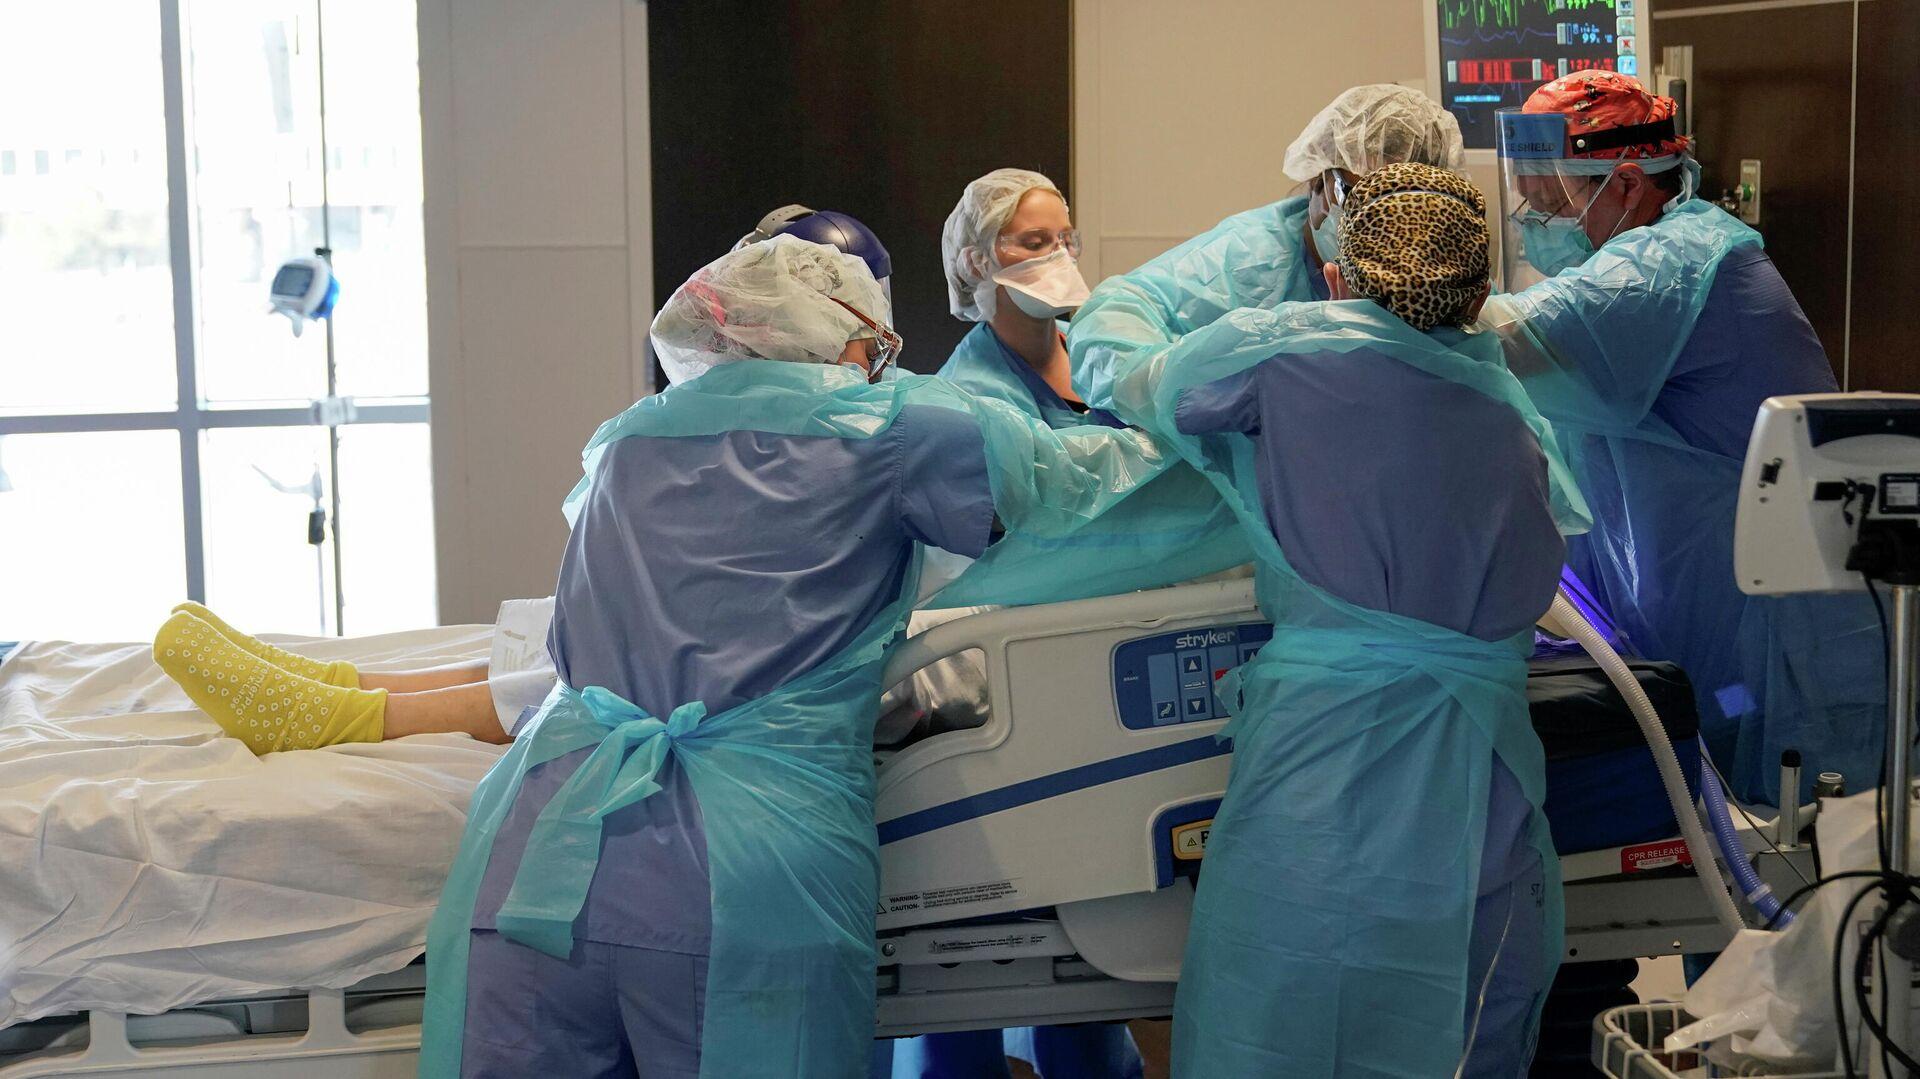 Медицинская бригада в отделении интенсивной терапии для пациентов с коронавирусом (COVID-19) больницы SSM Health St. Anthony в Оклахома-Сити, СЩА - РИА Новости, 1920, 01.03.2021